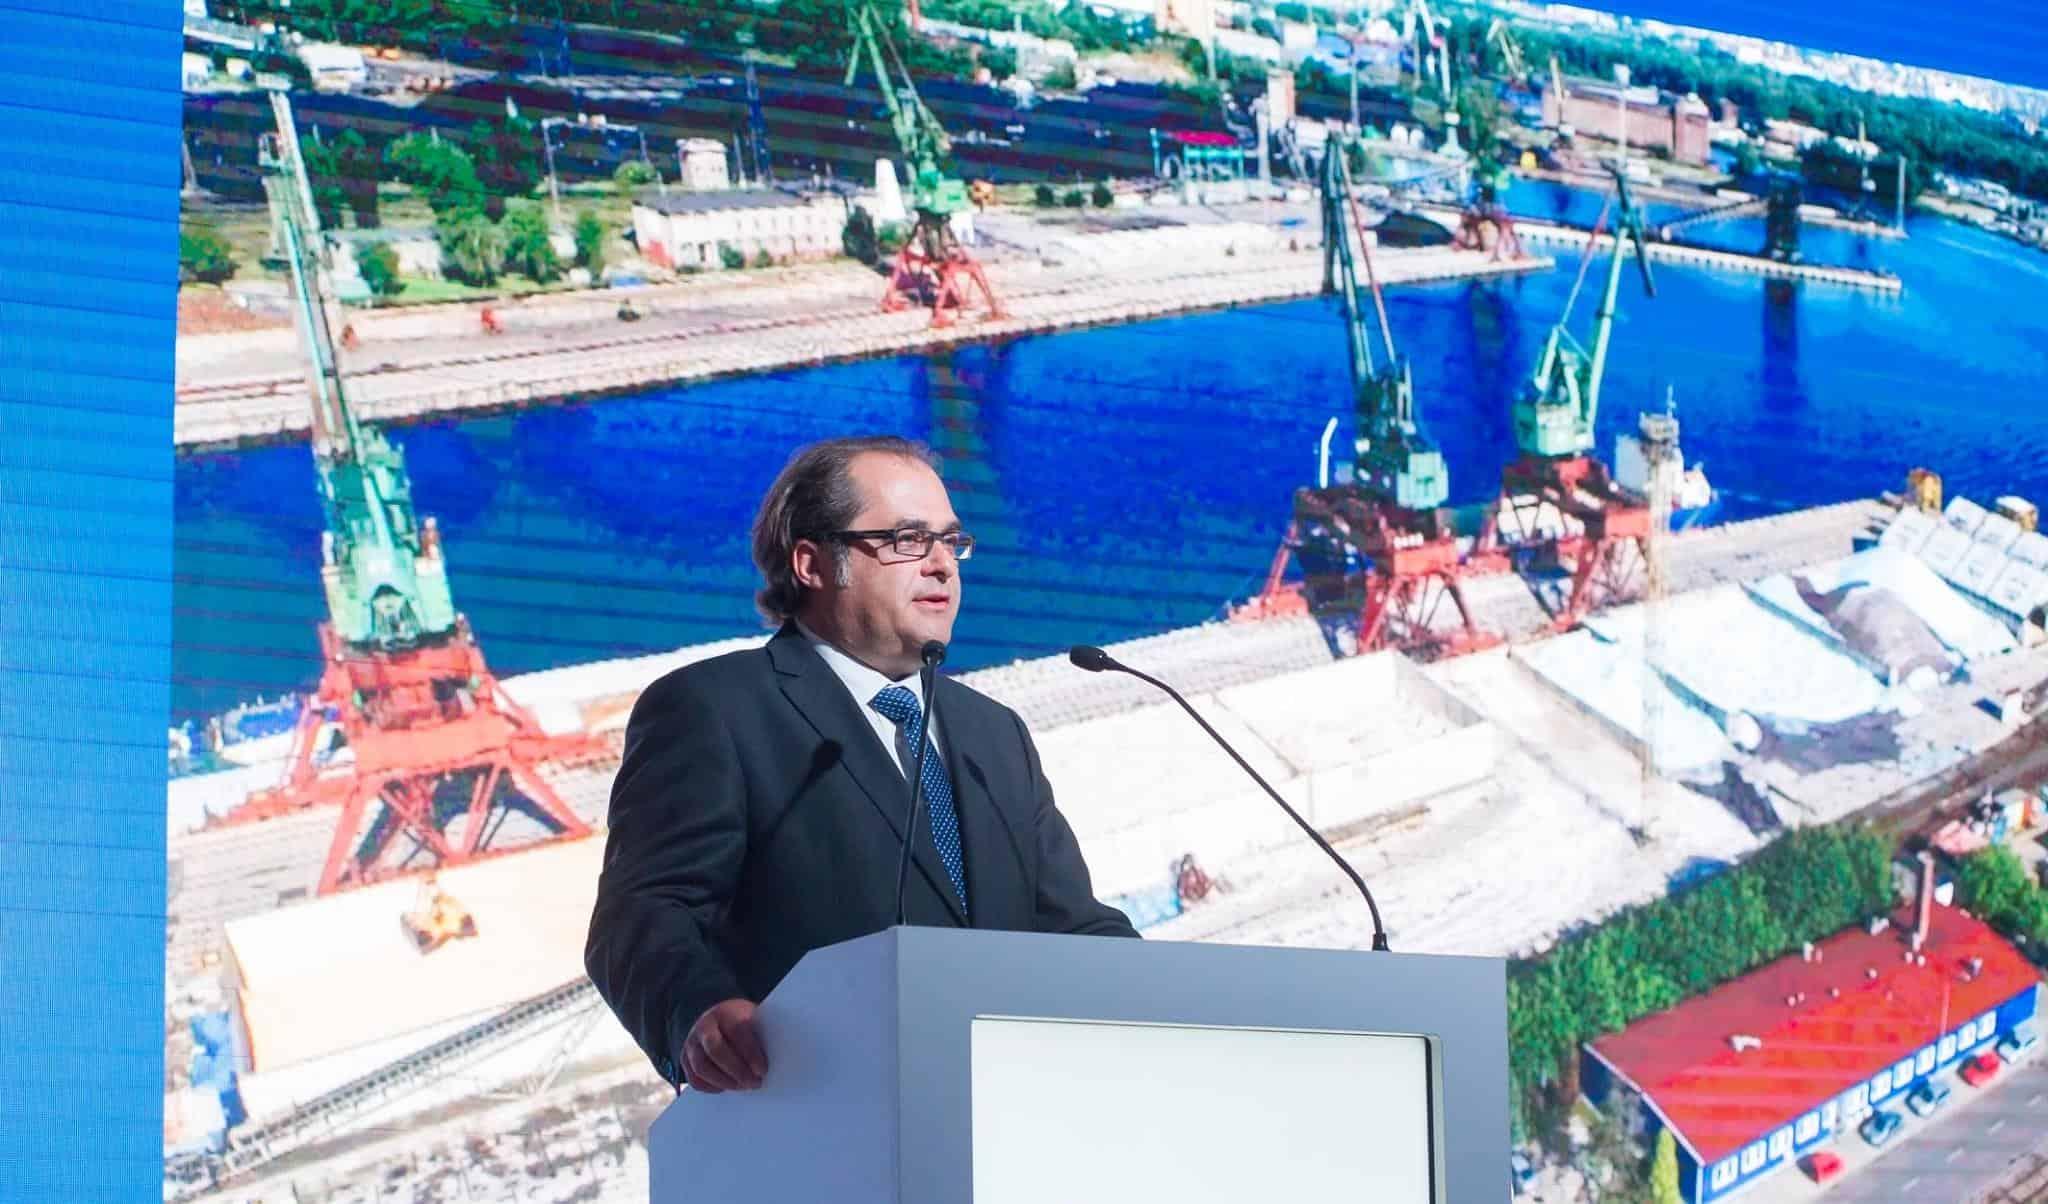 Marek Gróbarczyk: konsolidacja i ro-paxy dźwigną branżę stoczniową [WYWIAD]